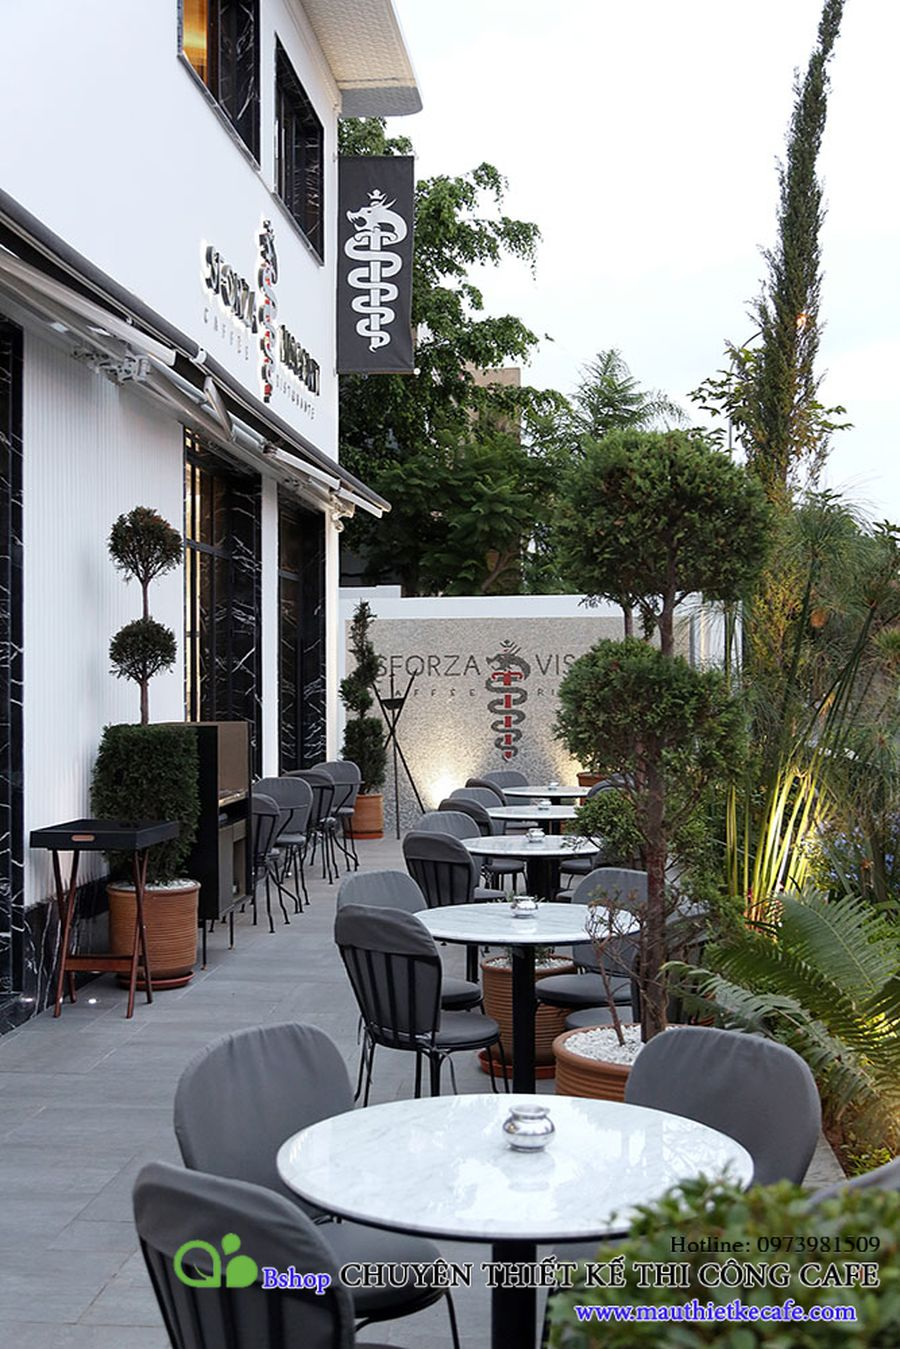 Những quán cafe đẹp tại Hà Nội phần 6 ảnh 2Những quán cafe đẹp tại Hà Nội phần 6 ảnh 2